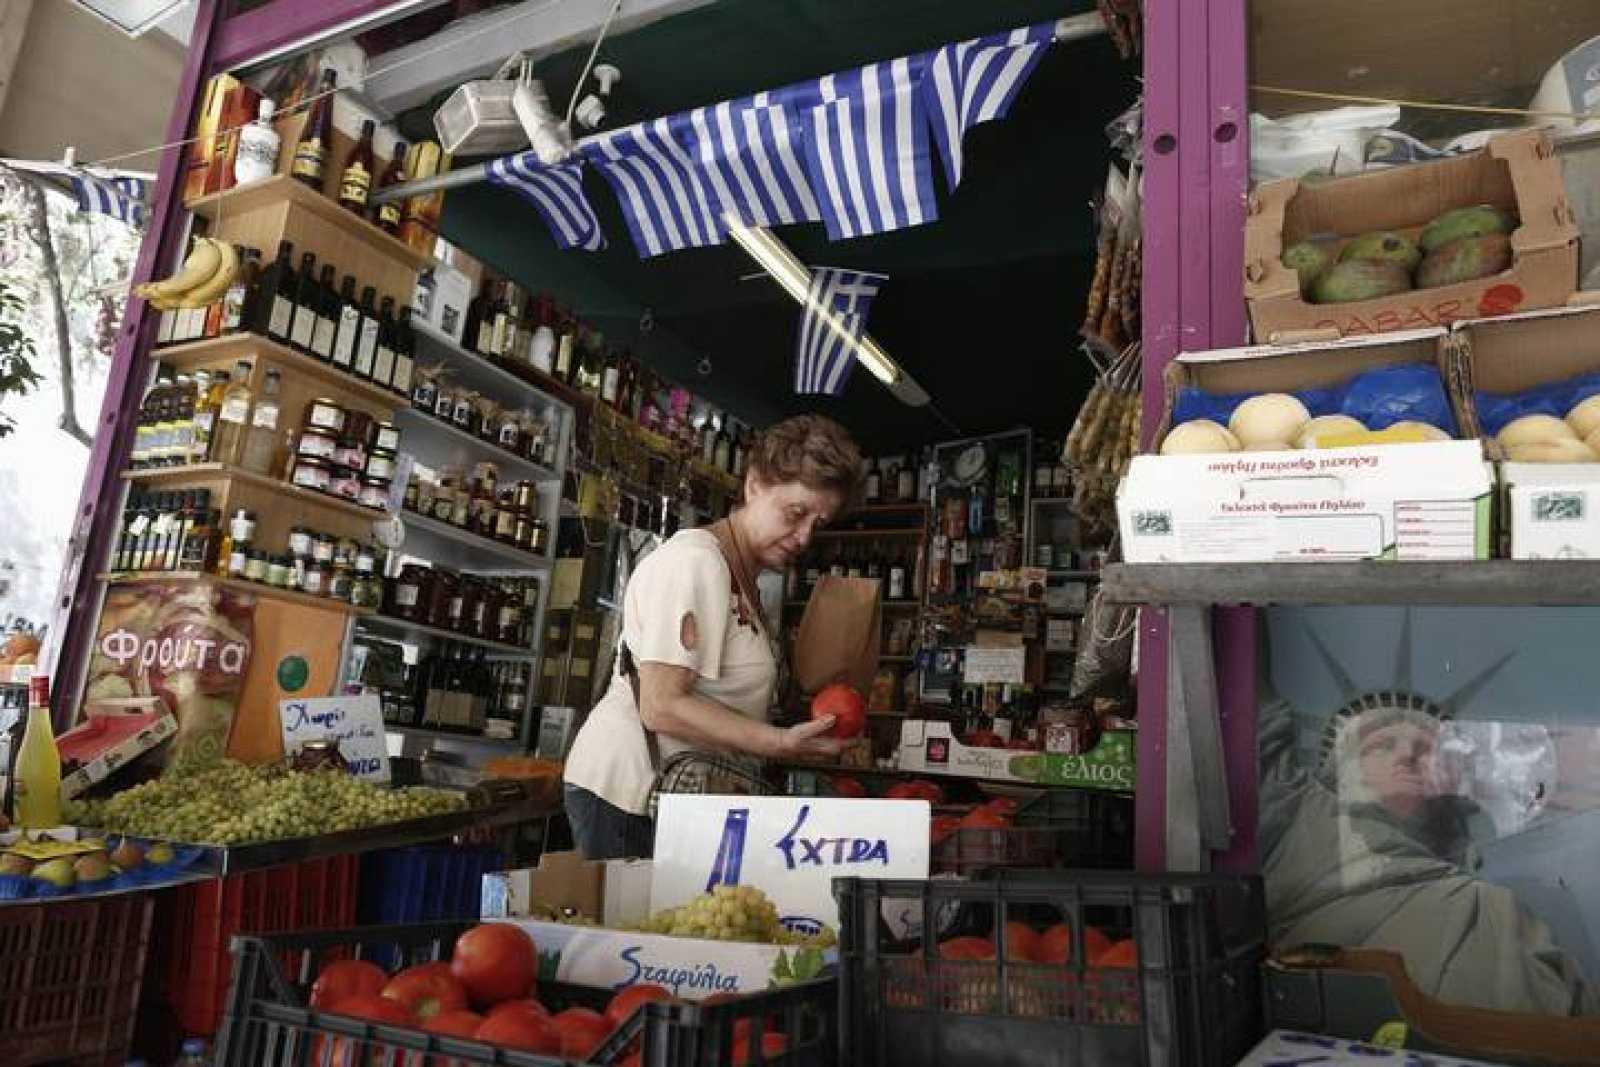 Una mujer compra tomates en una frutería en el centro de Atenas